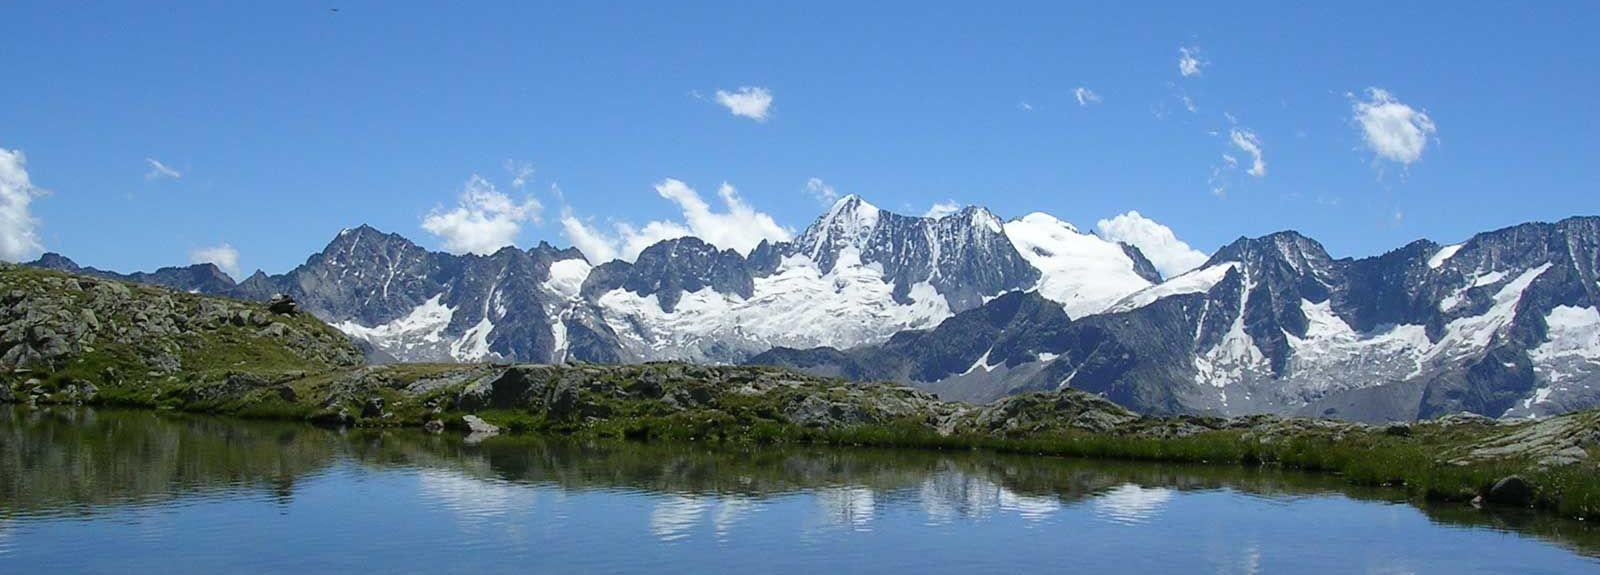 Fucine, Trentin-Haut-Adige, Italie